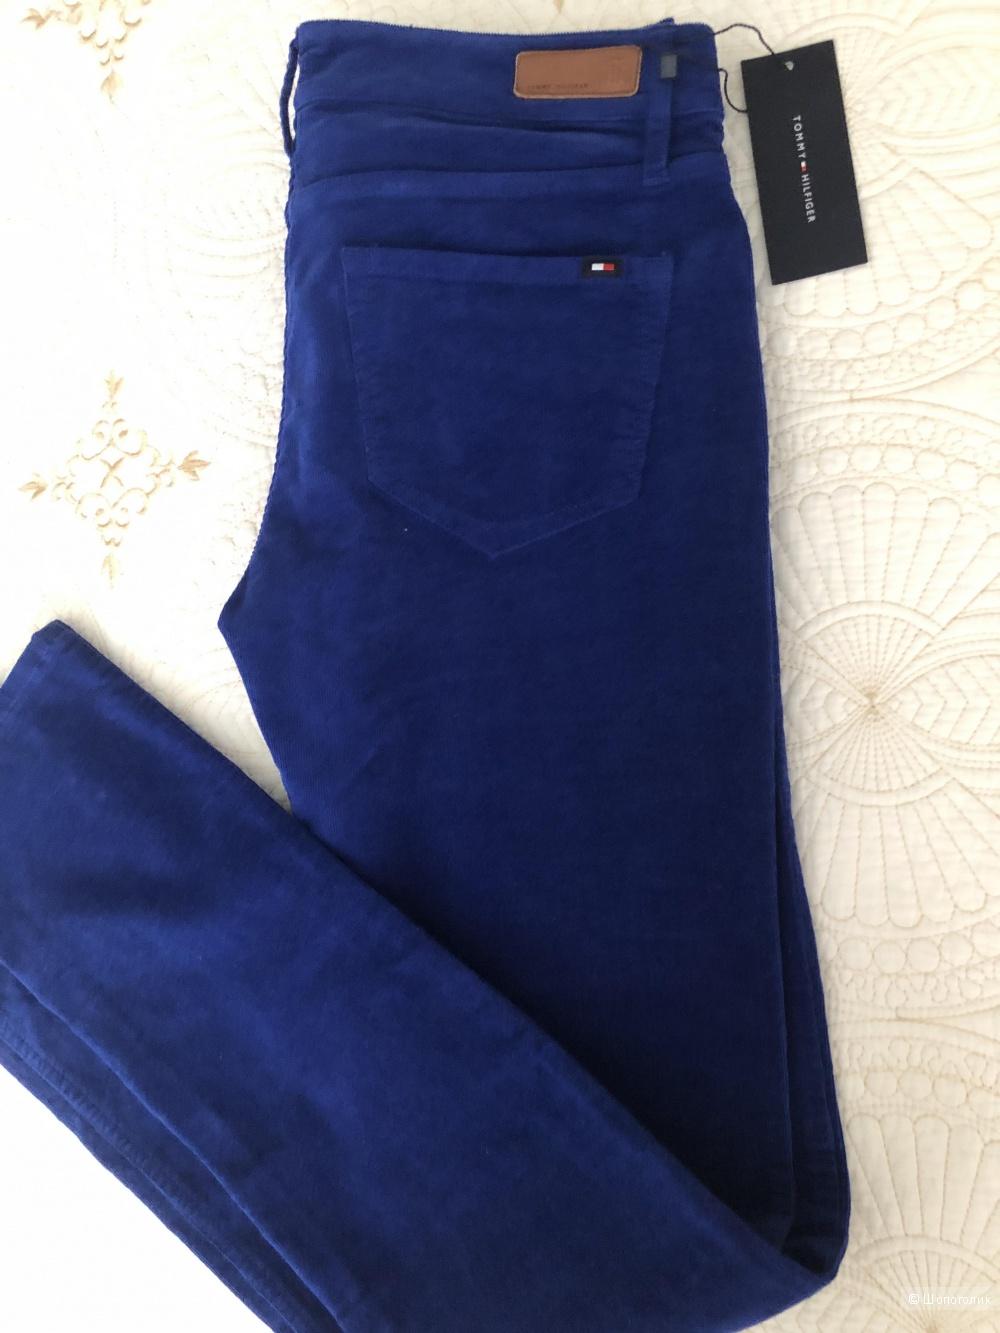 Вельветовые джинсы Tommy Hilfiger Us4/EU 34